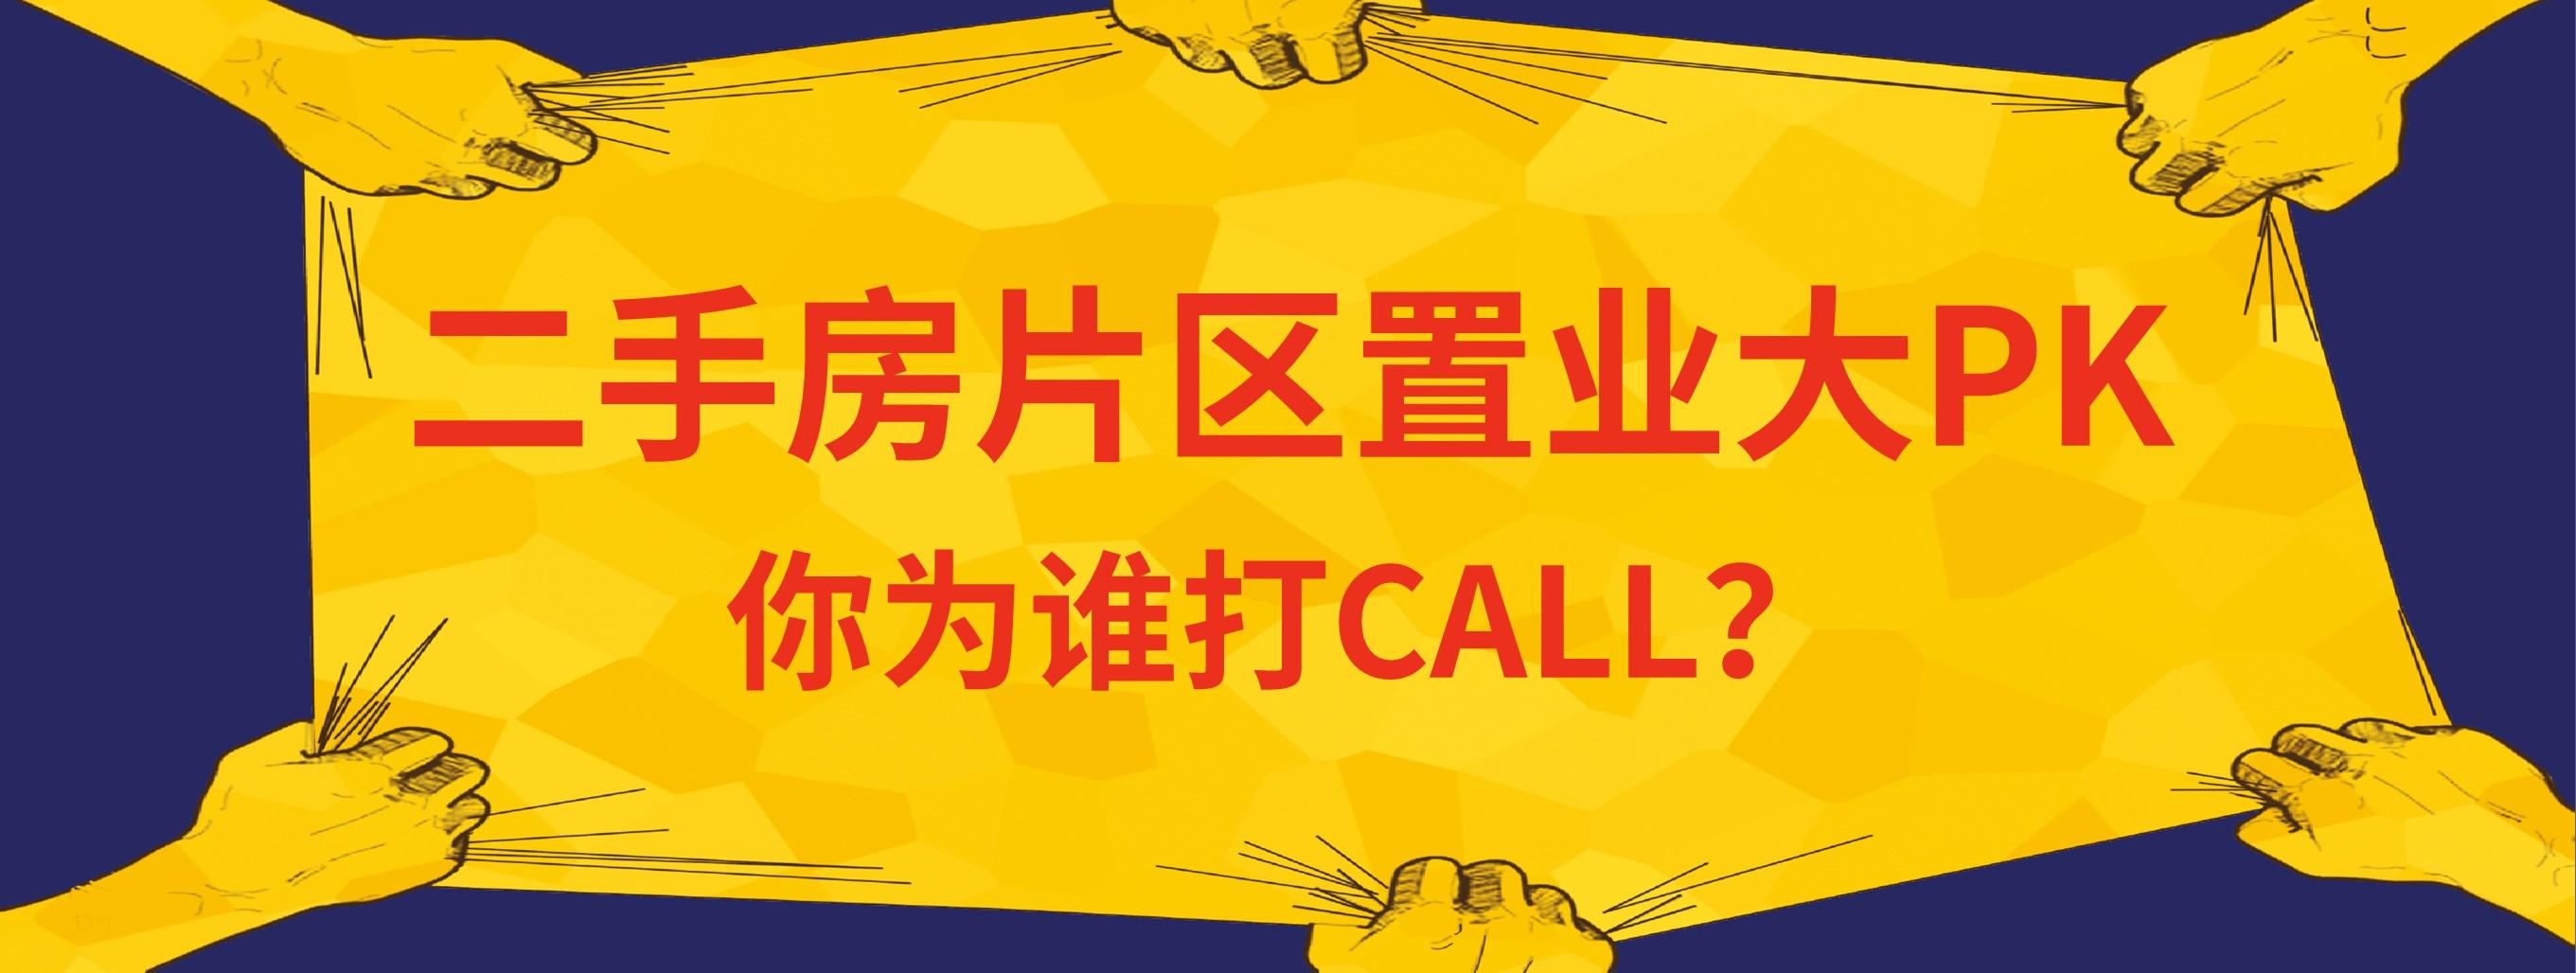 二手房片区置业大PK  你为谁打CALL?